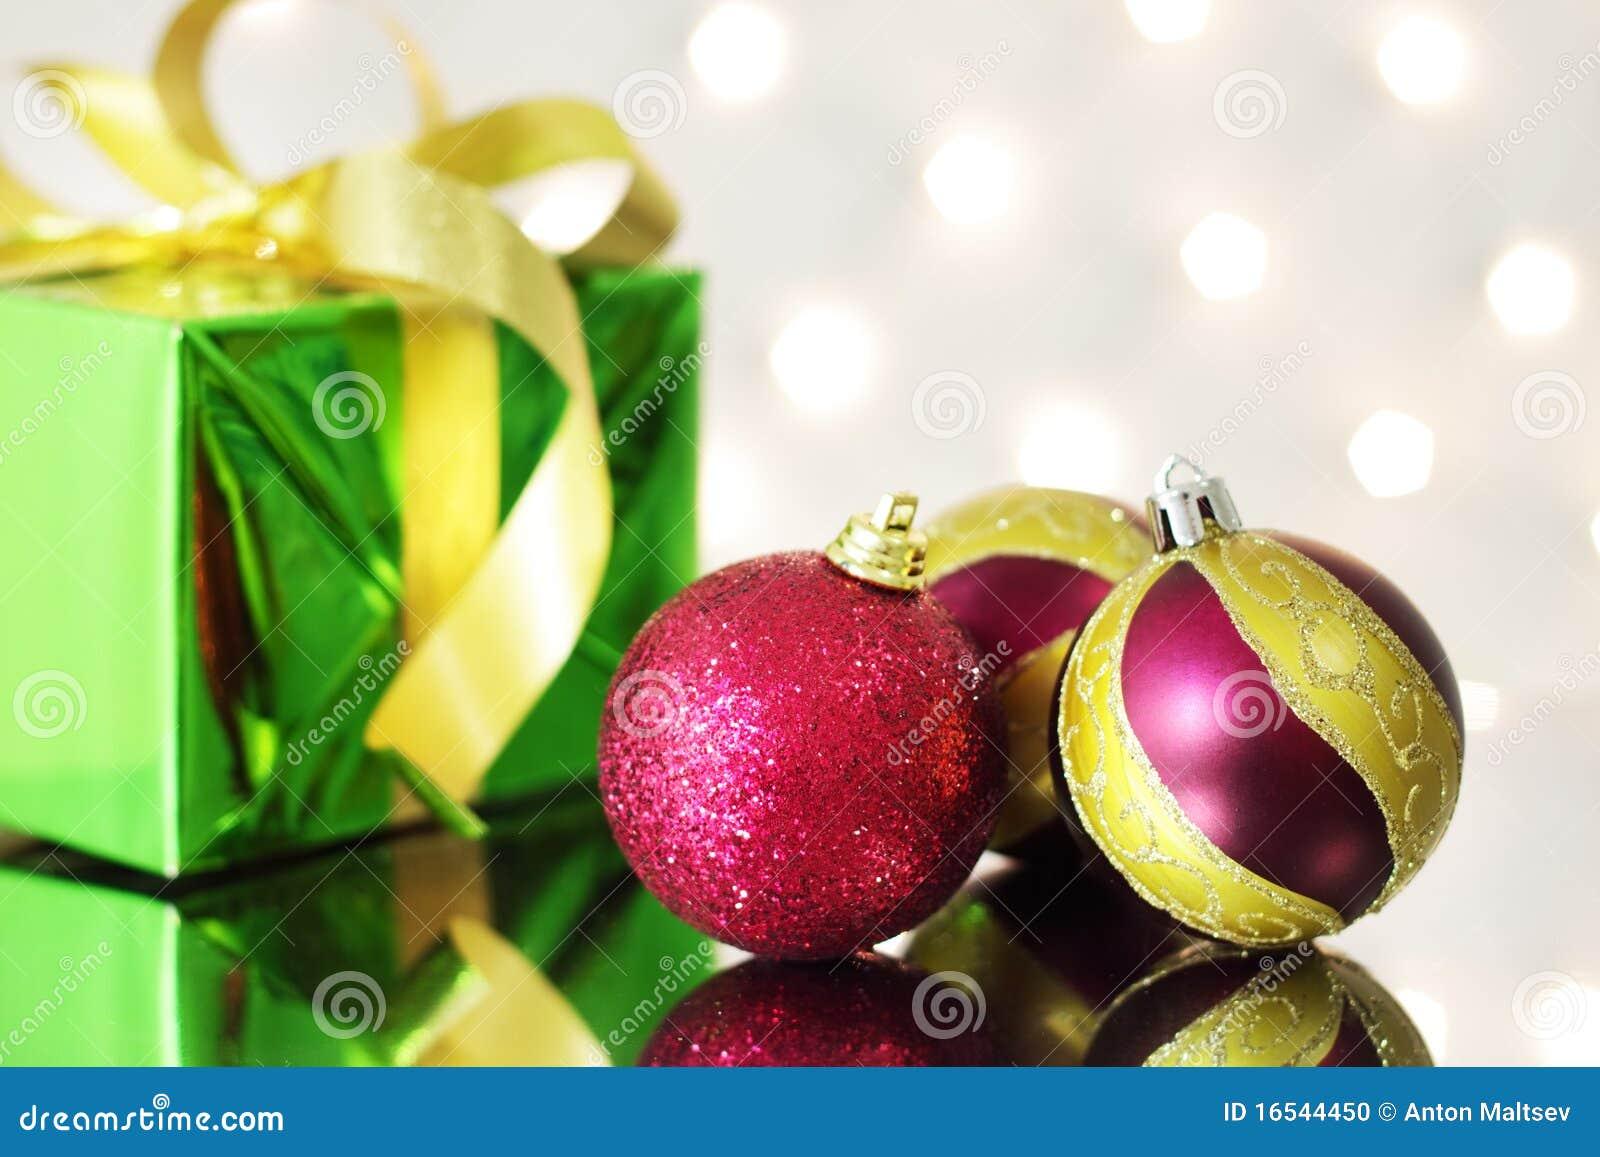 Tres bolas rojas de la navidad foto de archivo imagen - Bolas de navidad rojas ...